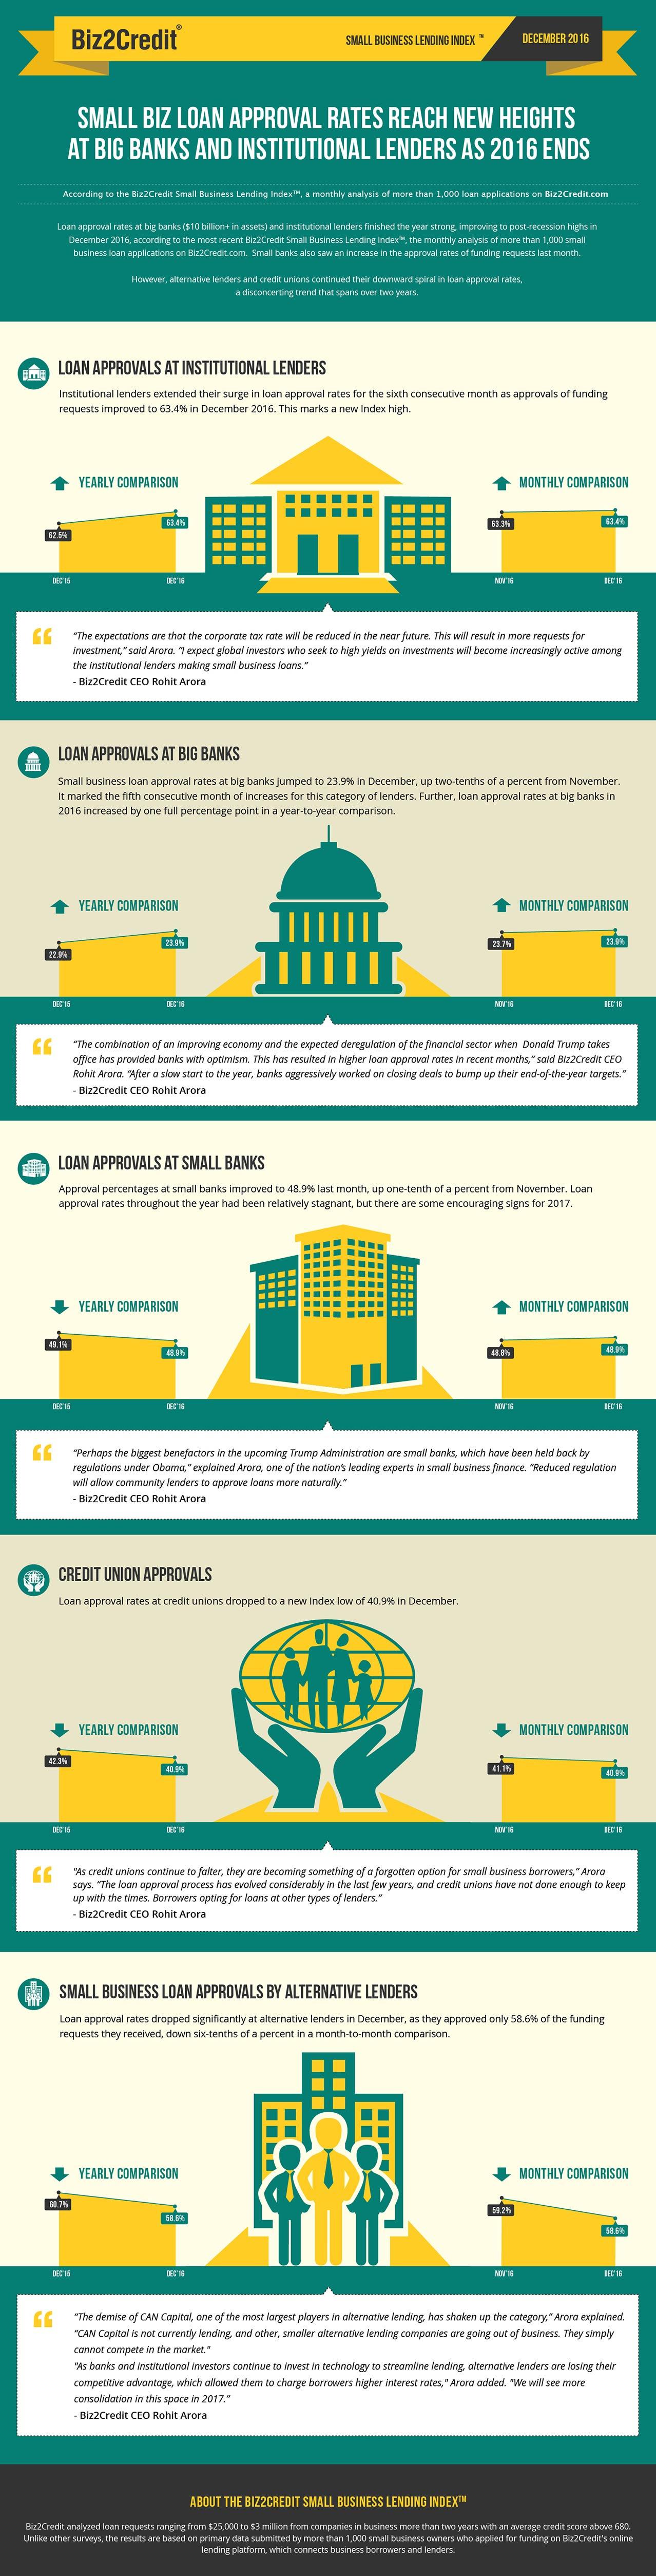 Dec16 Lending Index Infographic